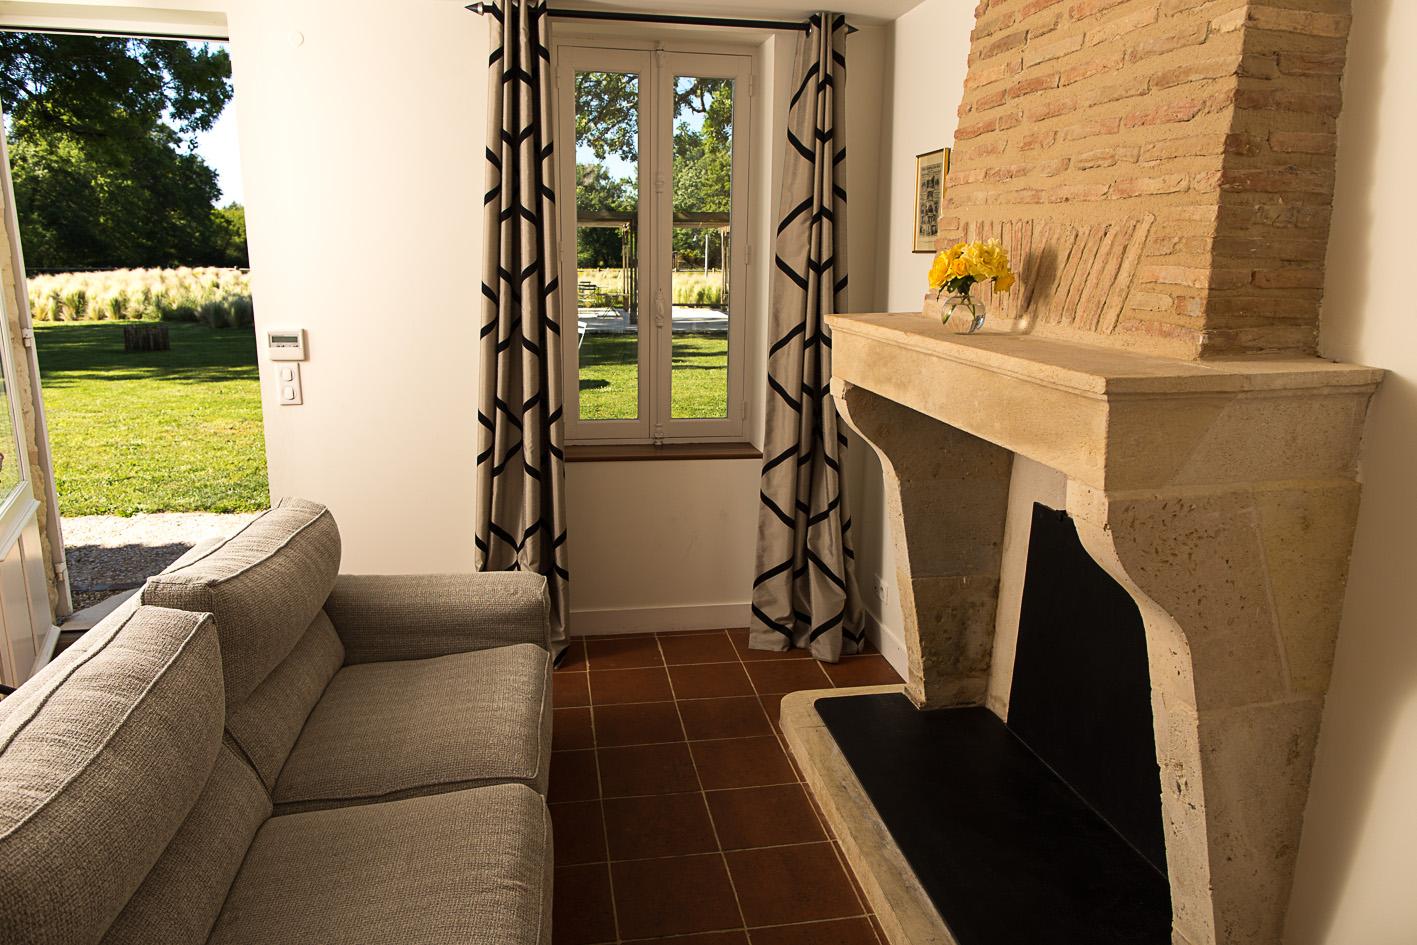 L'intérieur d'une chambre d'hôtes avec un canapé devant une cheminée et vue sur le jardin